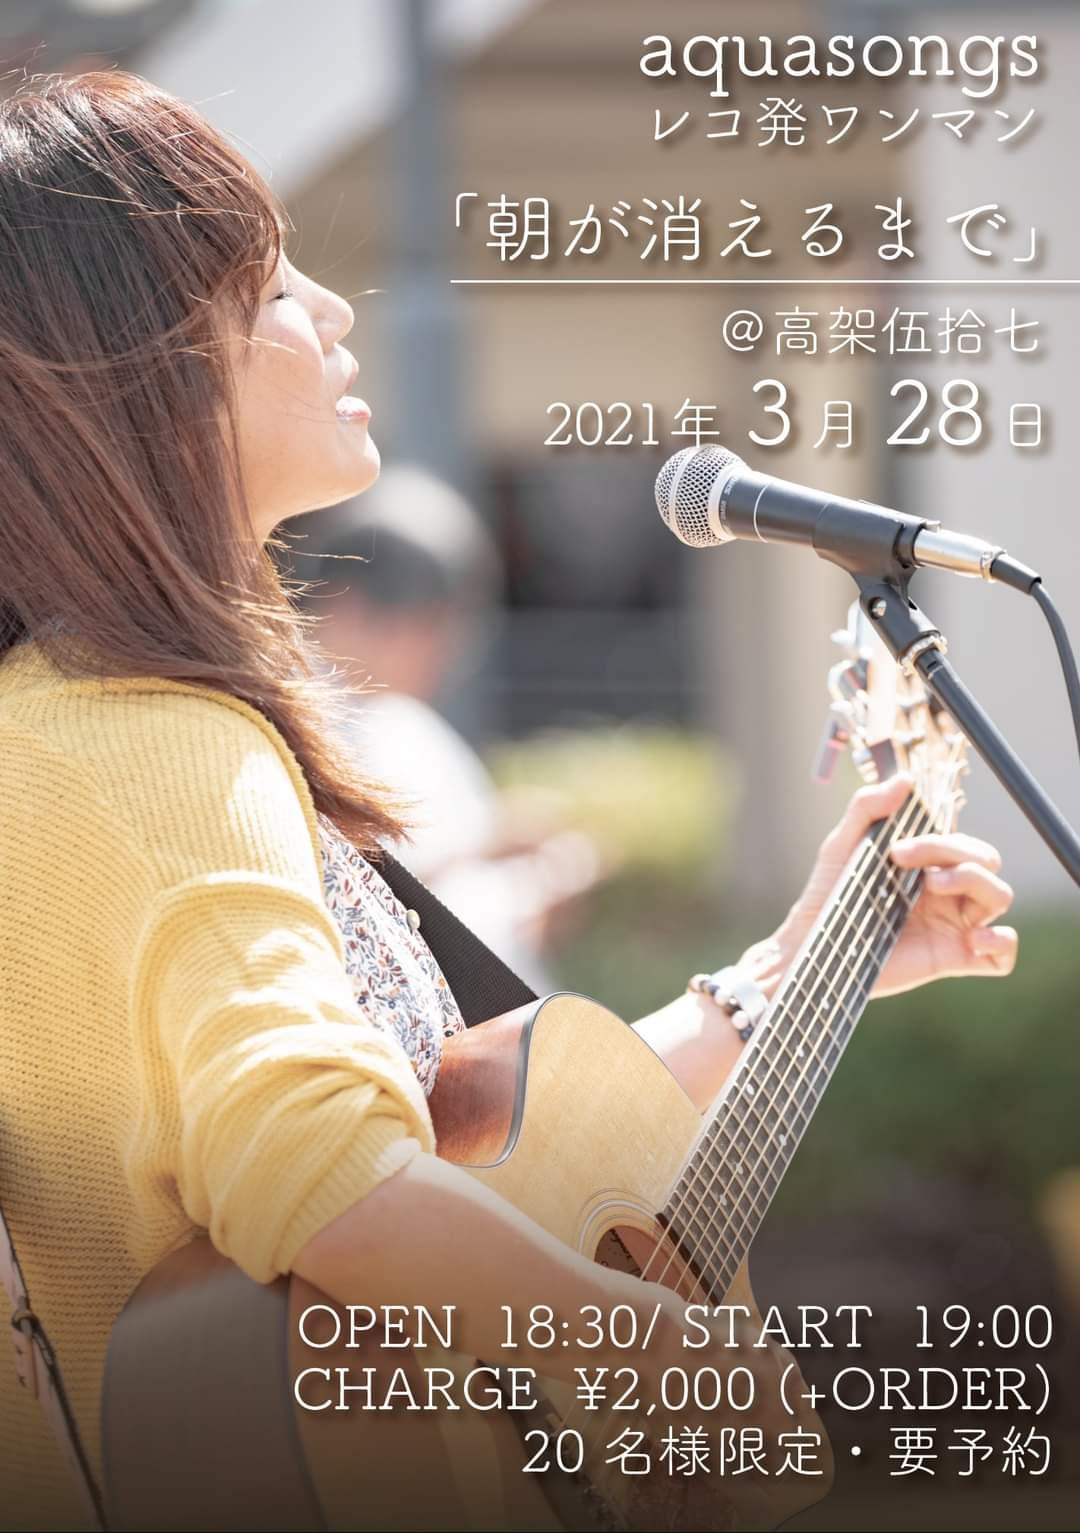 Aqua songs レコ発ワンマン 「朝が消えるまで」 18時30分開場